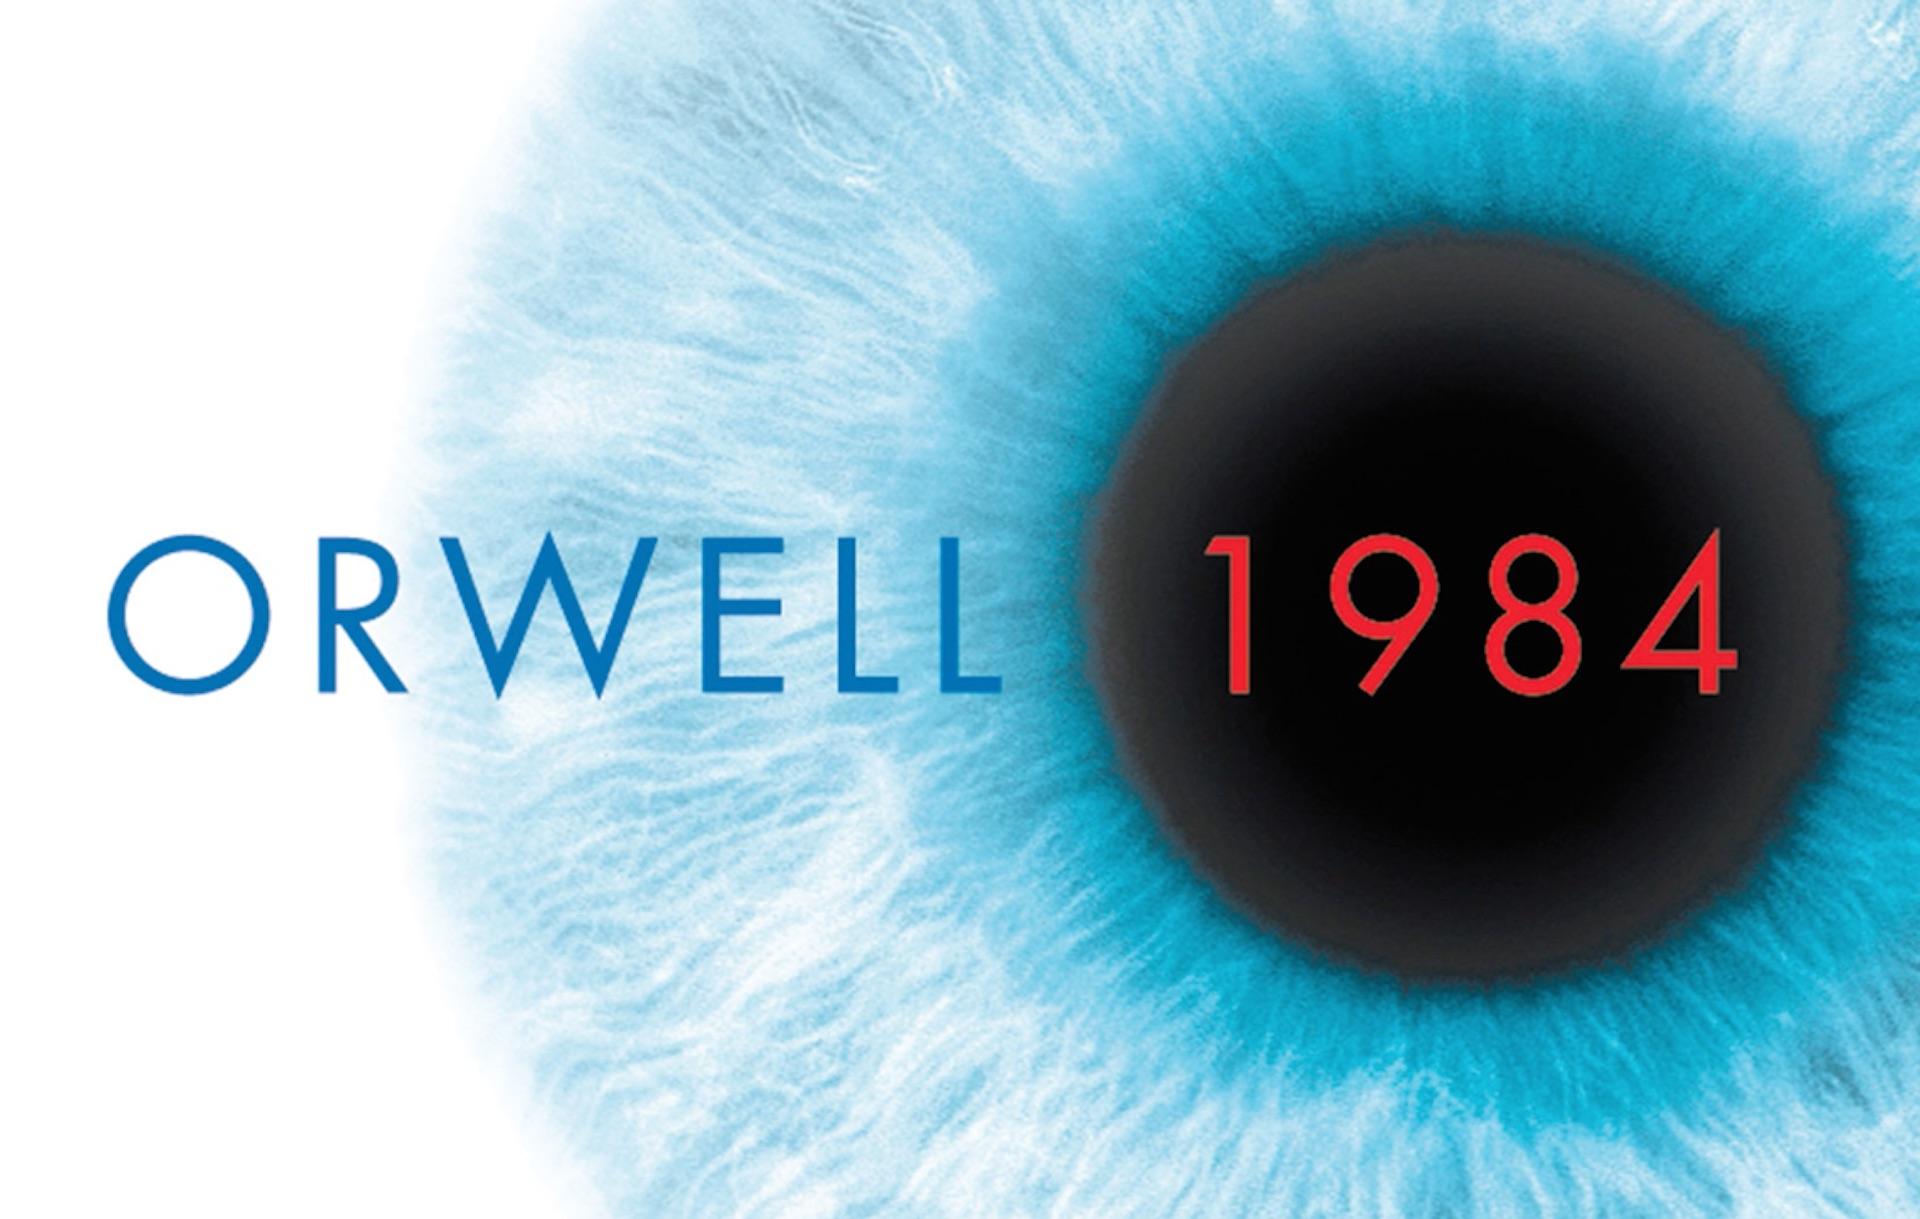 1984 - O Grande Irmão te observa